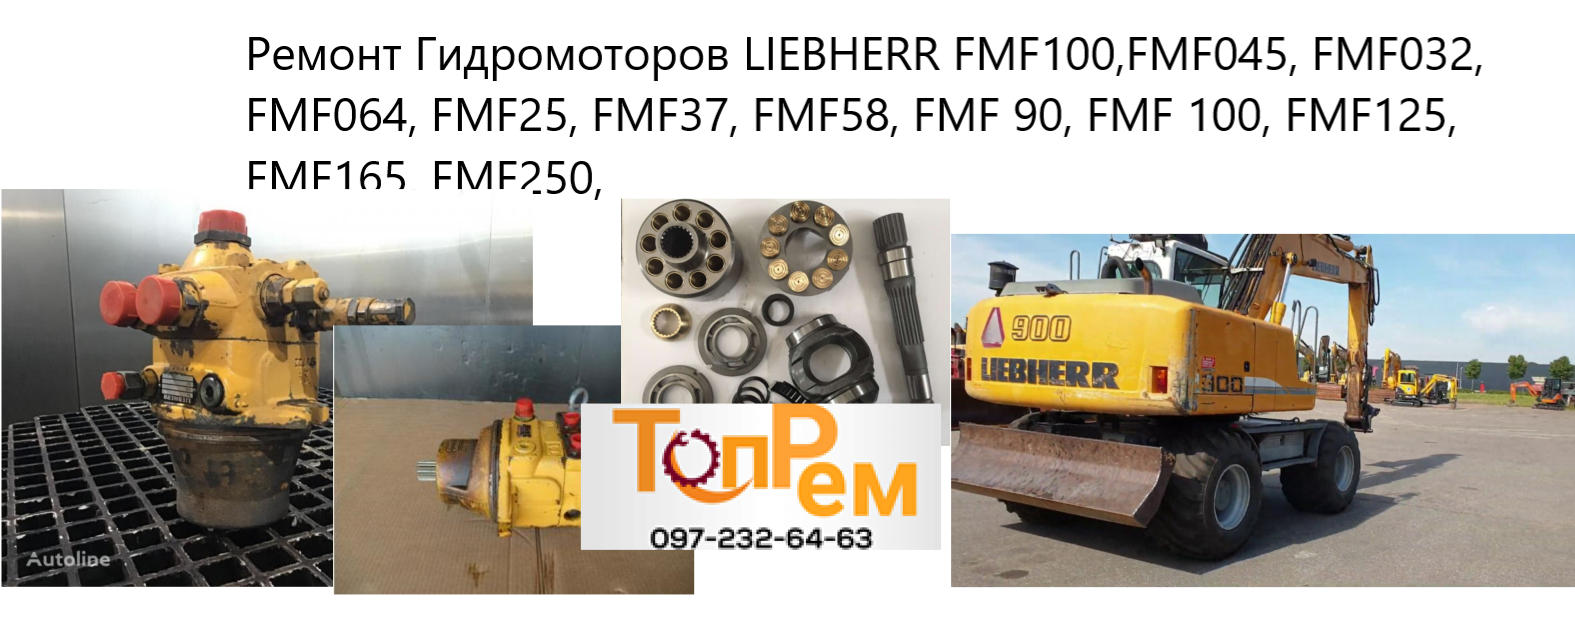 Ремонт Гидромотора LIEBHERR FMF100